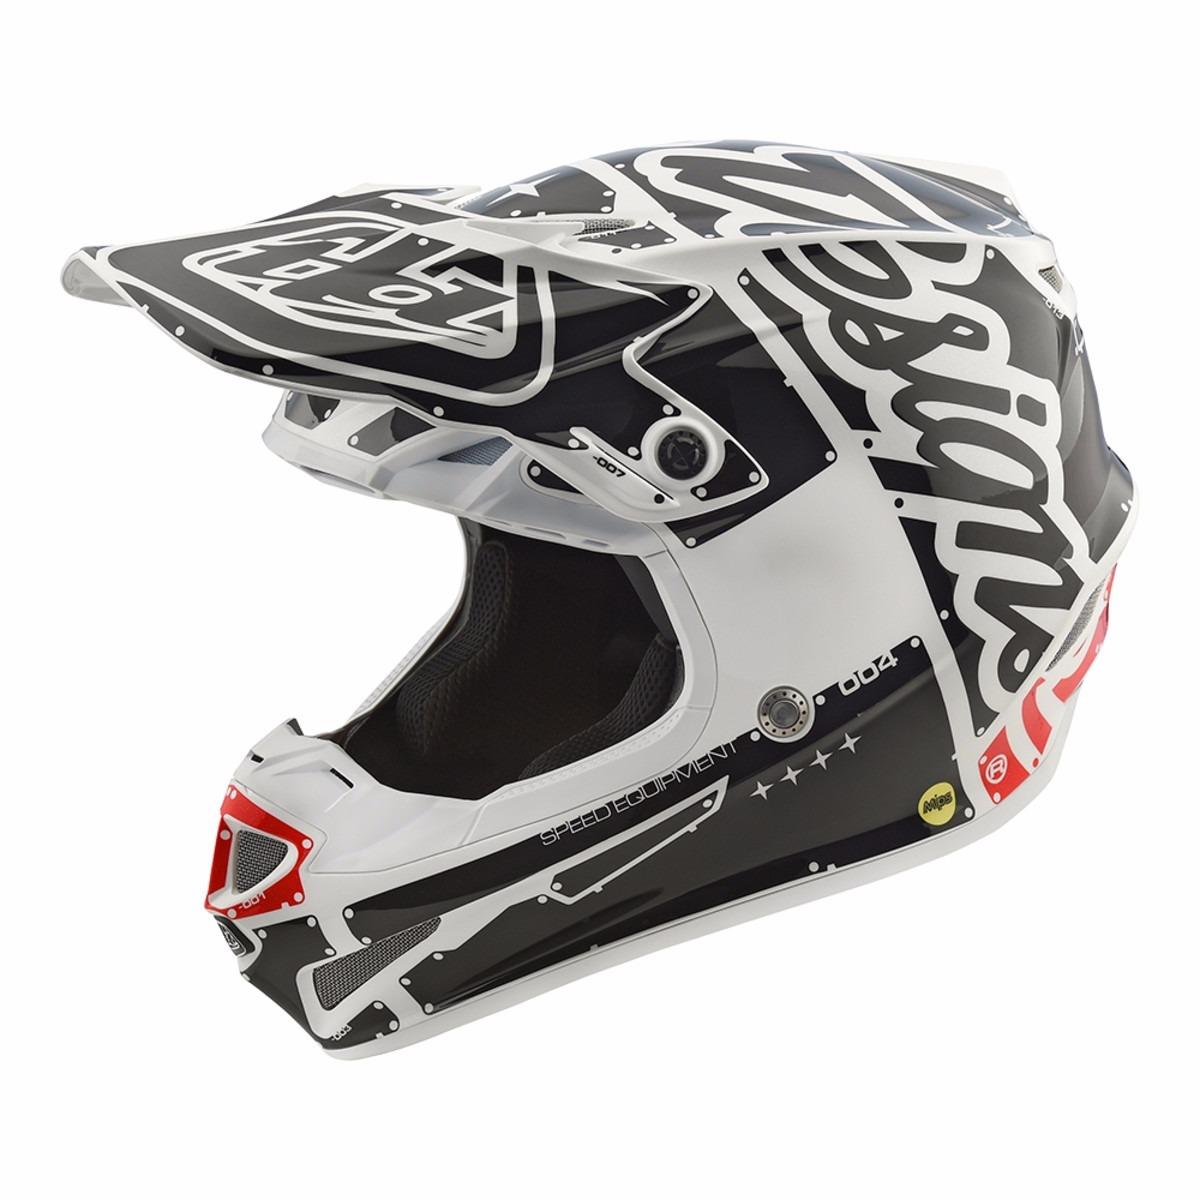 casco troy lee SE4 factory blanco talle L poli (58-59cm)